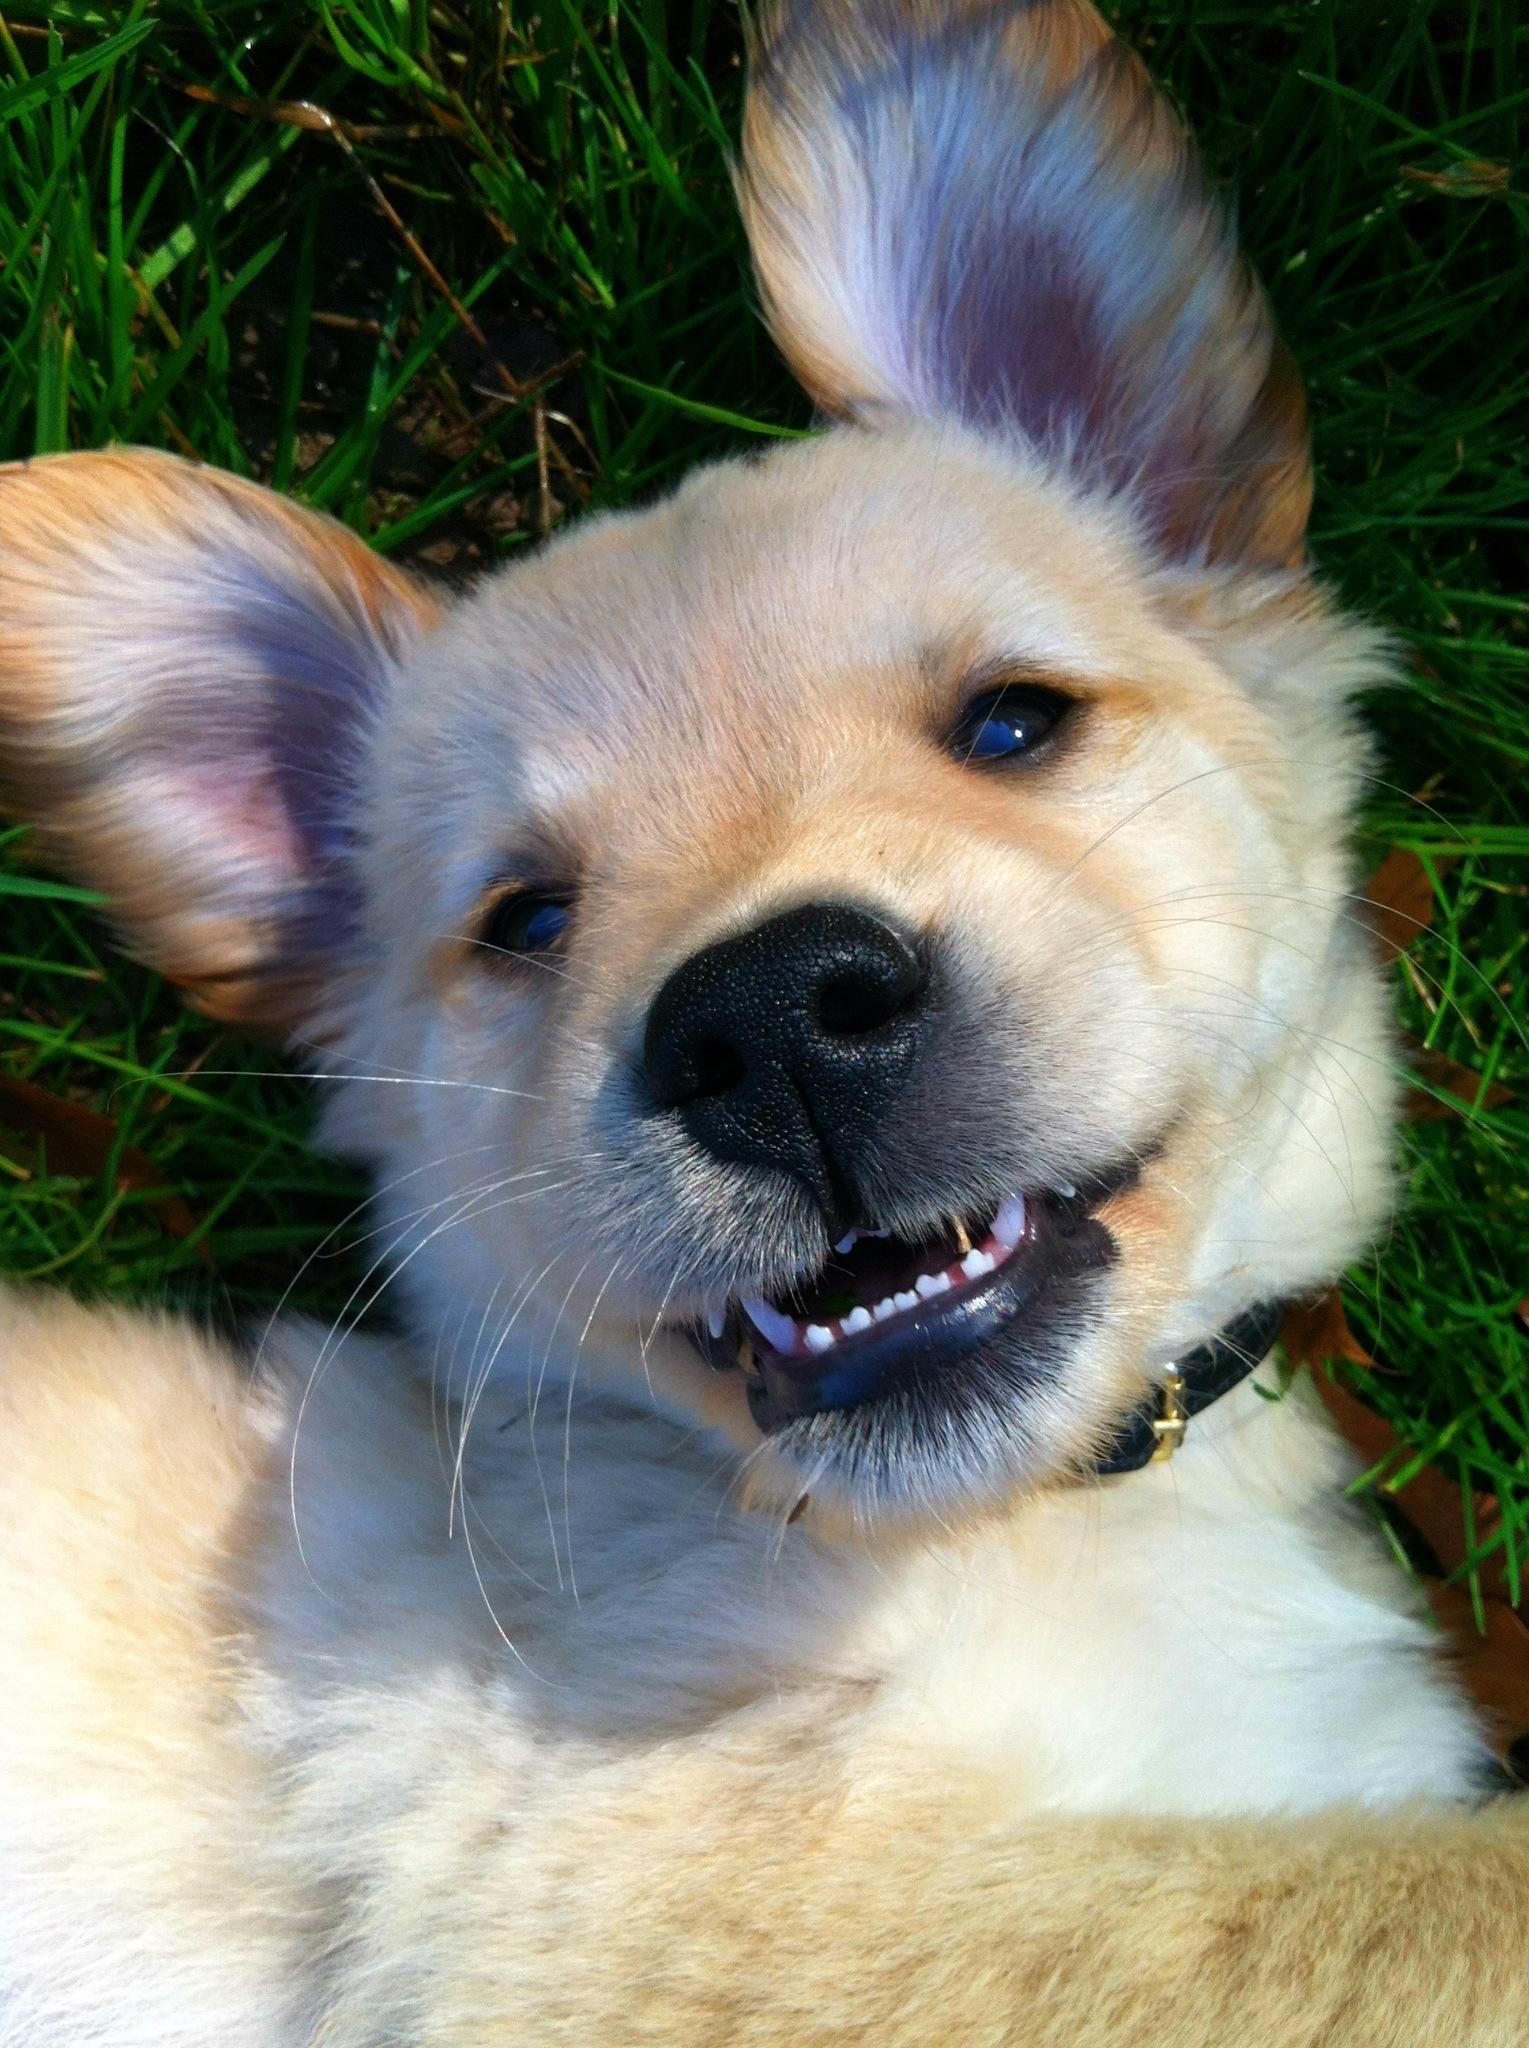 The Golden Smile http://ift.tt/2dtLz5o